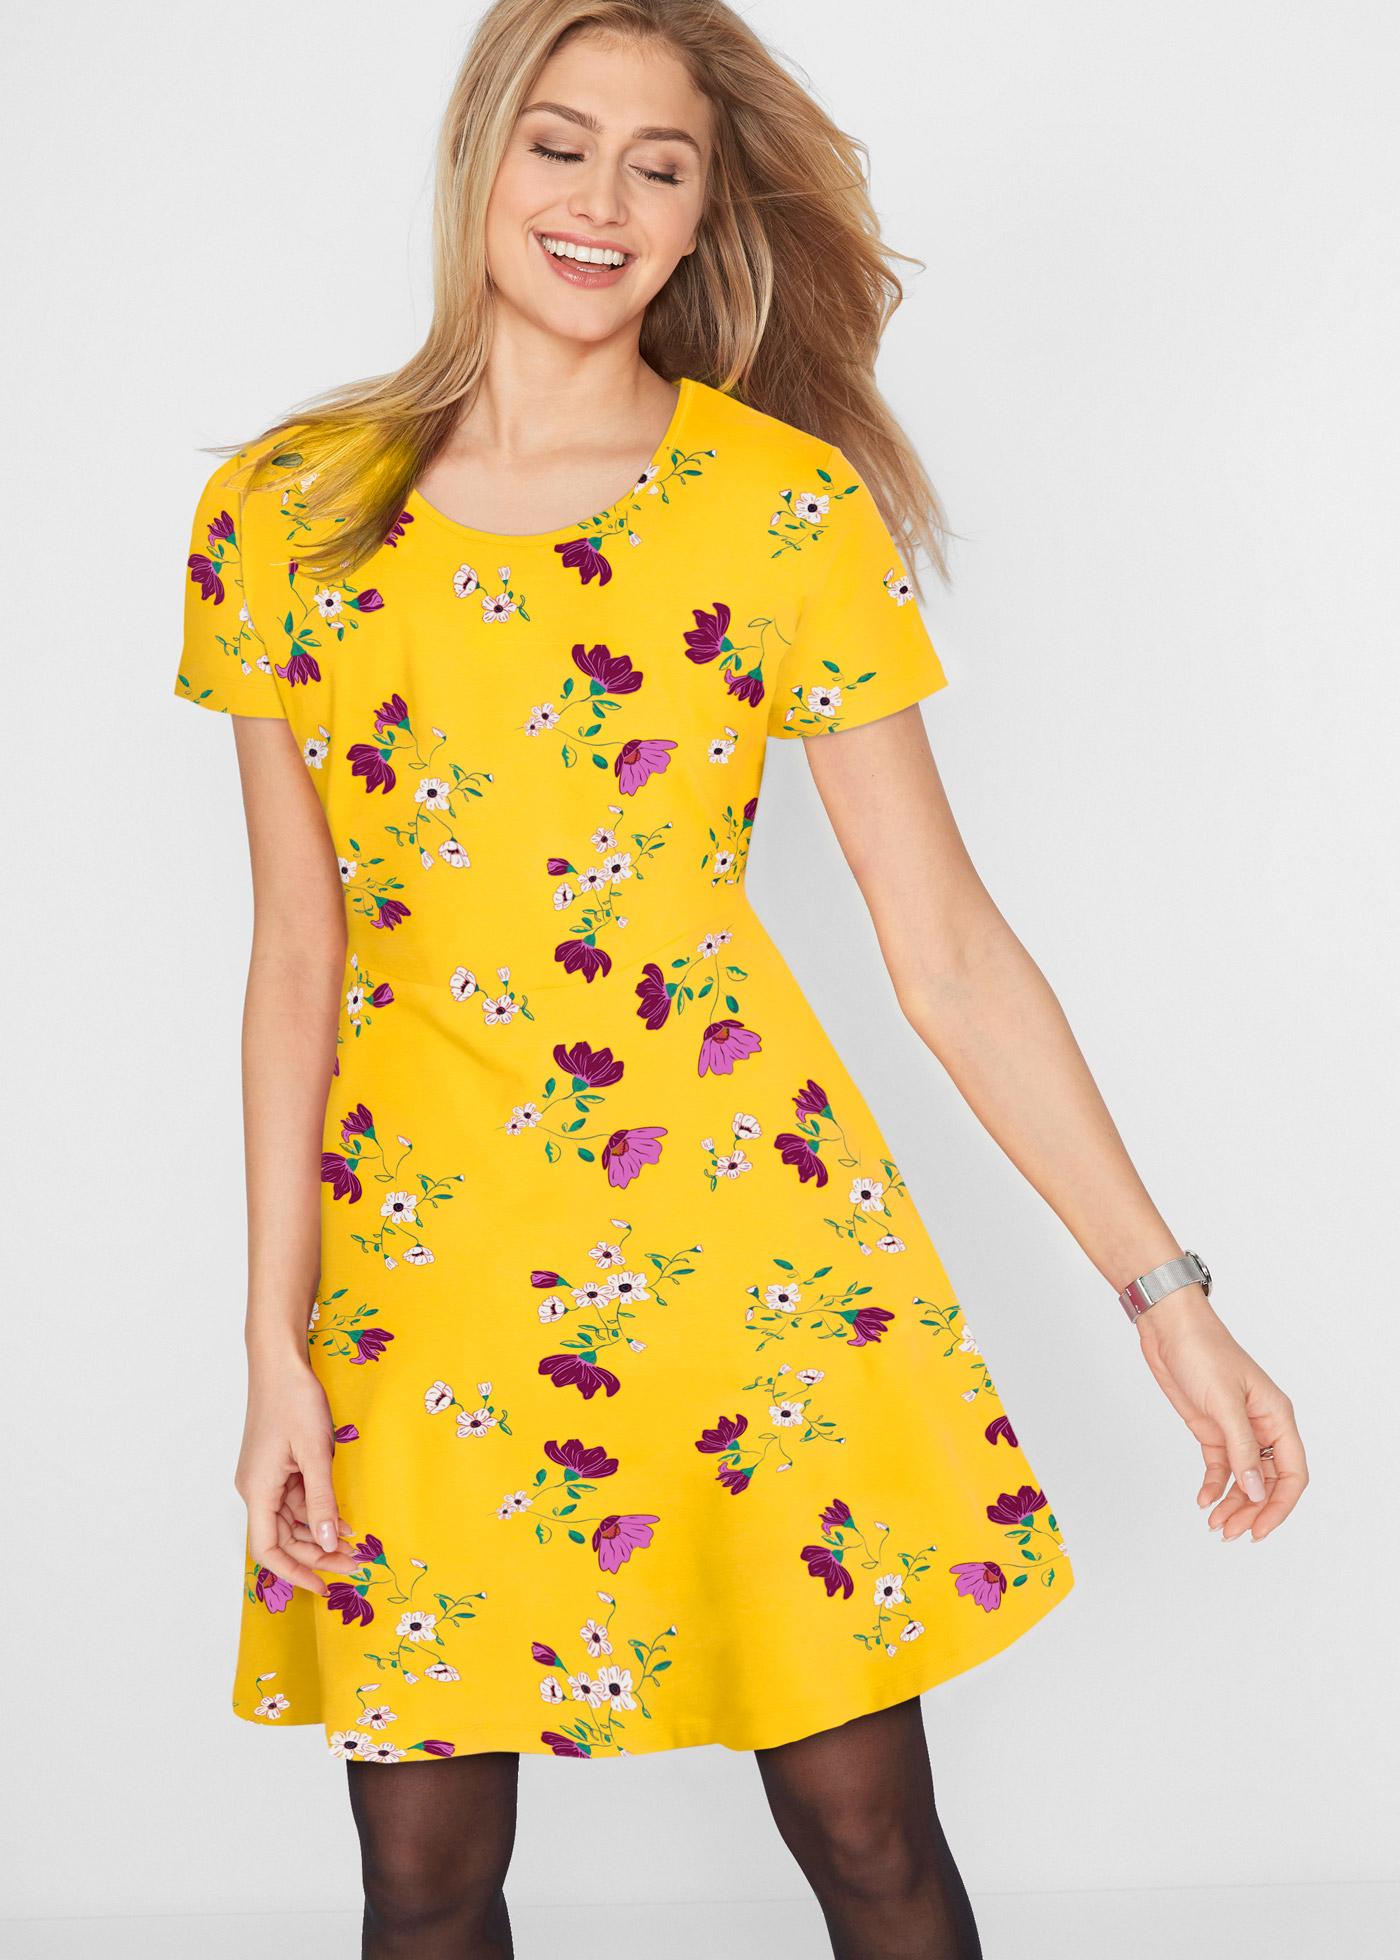 Bonprix Shirtjurk met bloemenprint, korte mouw